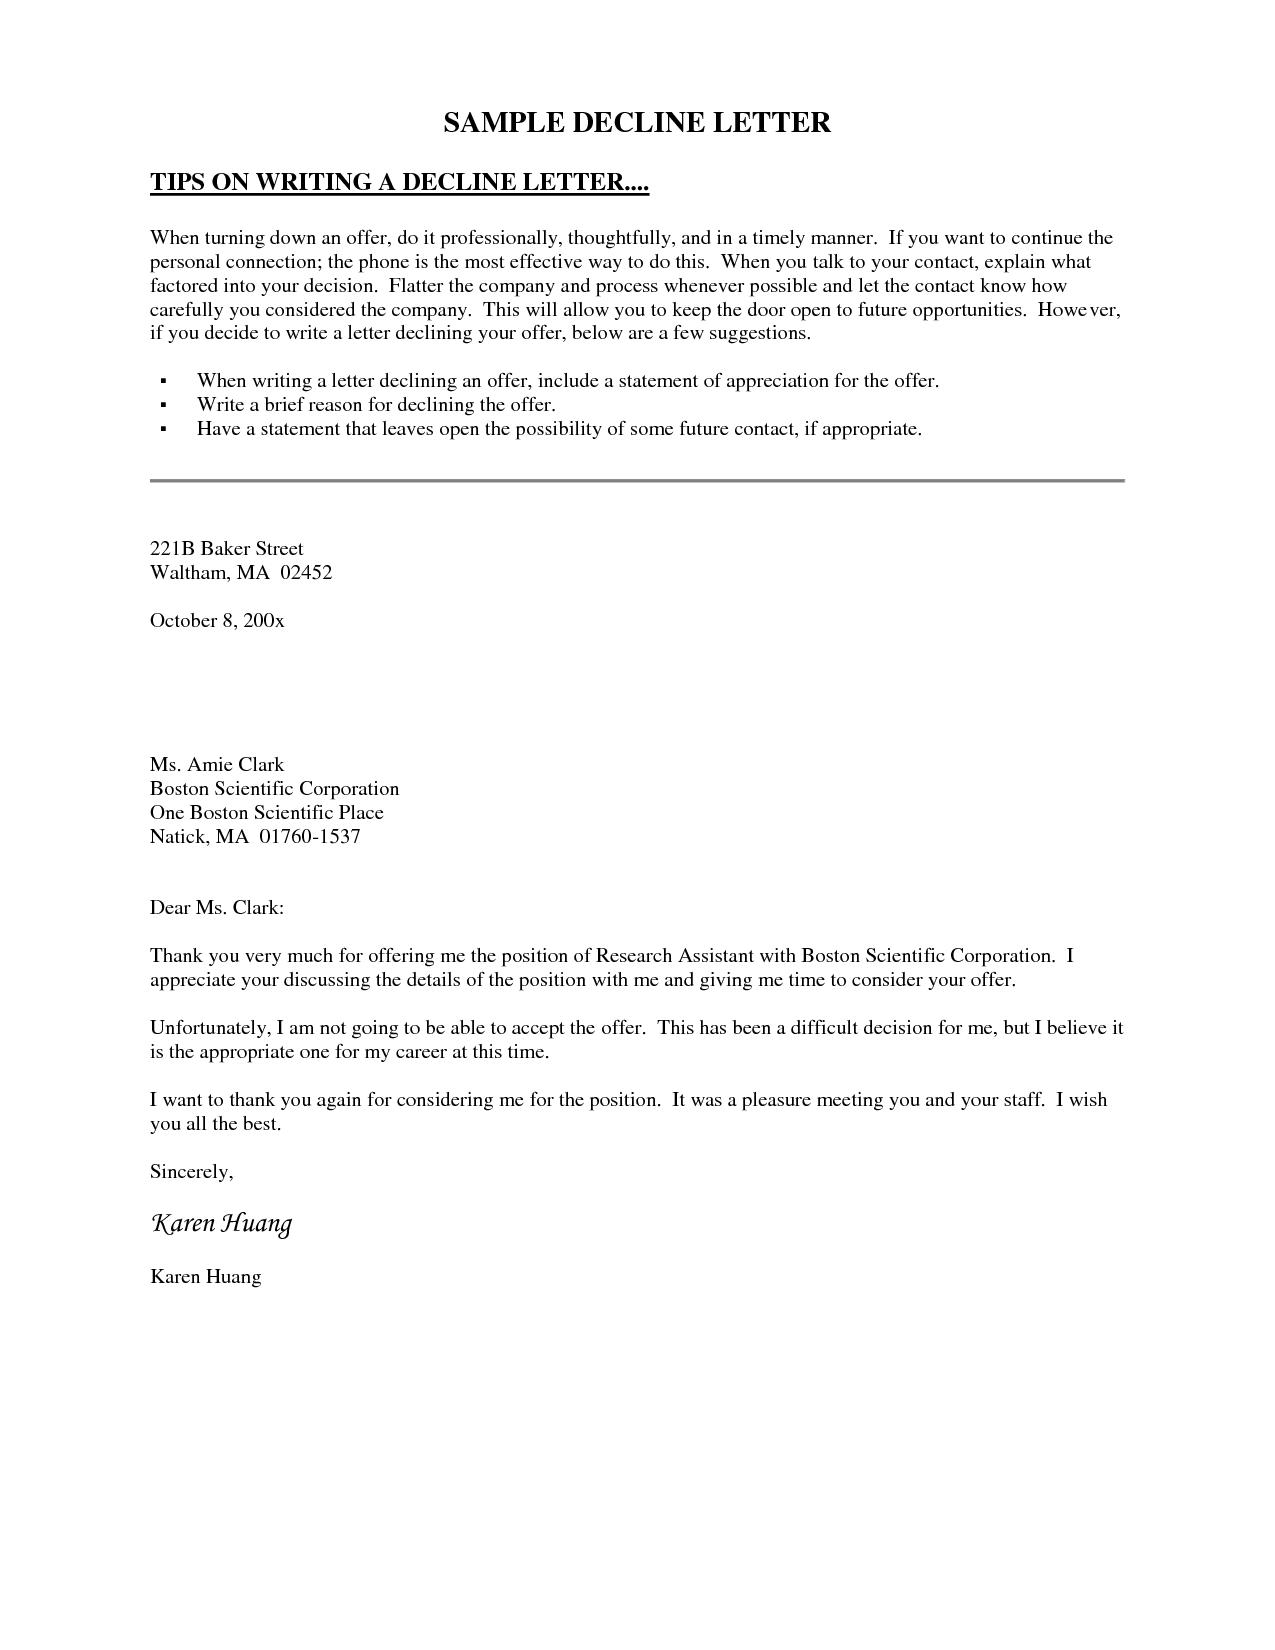 decline letter sample